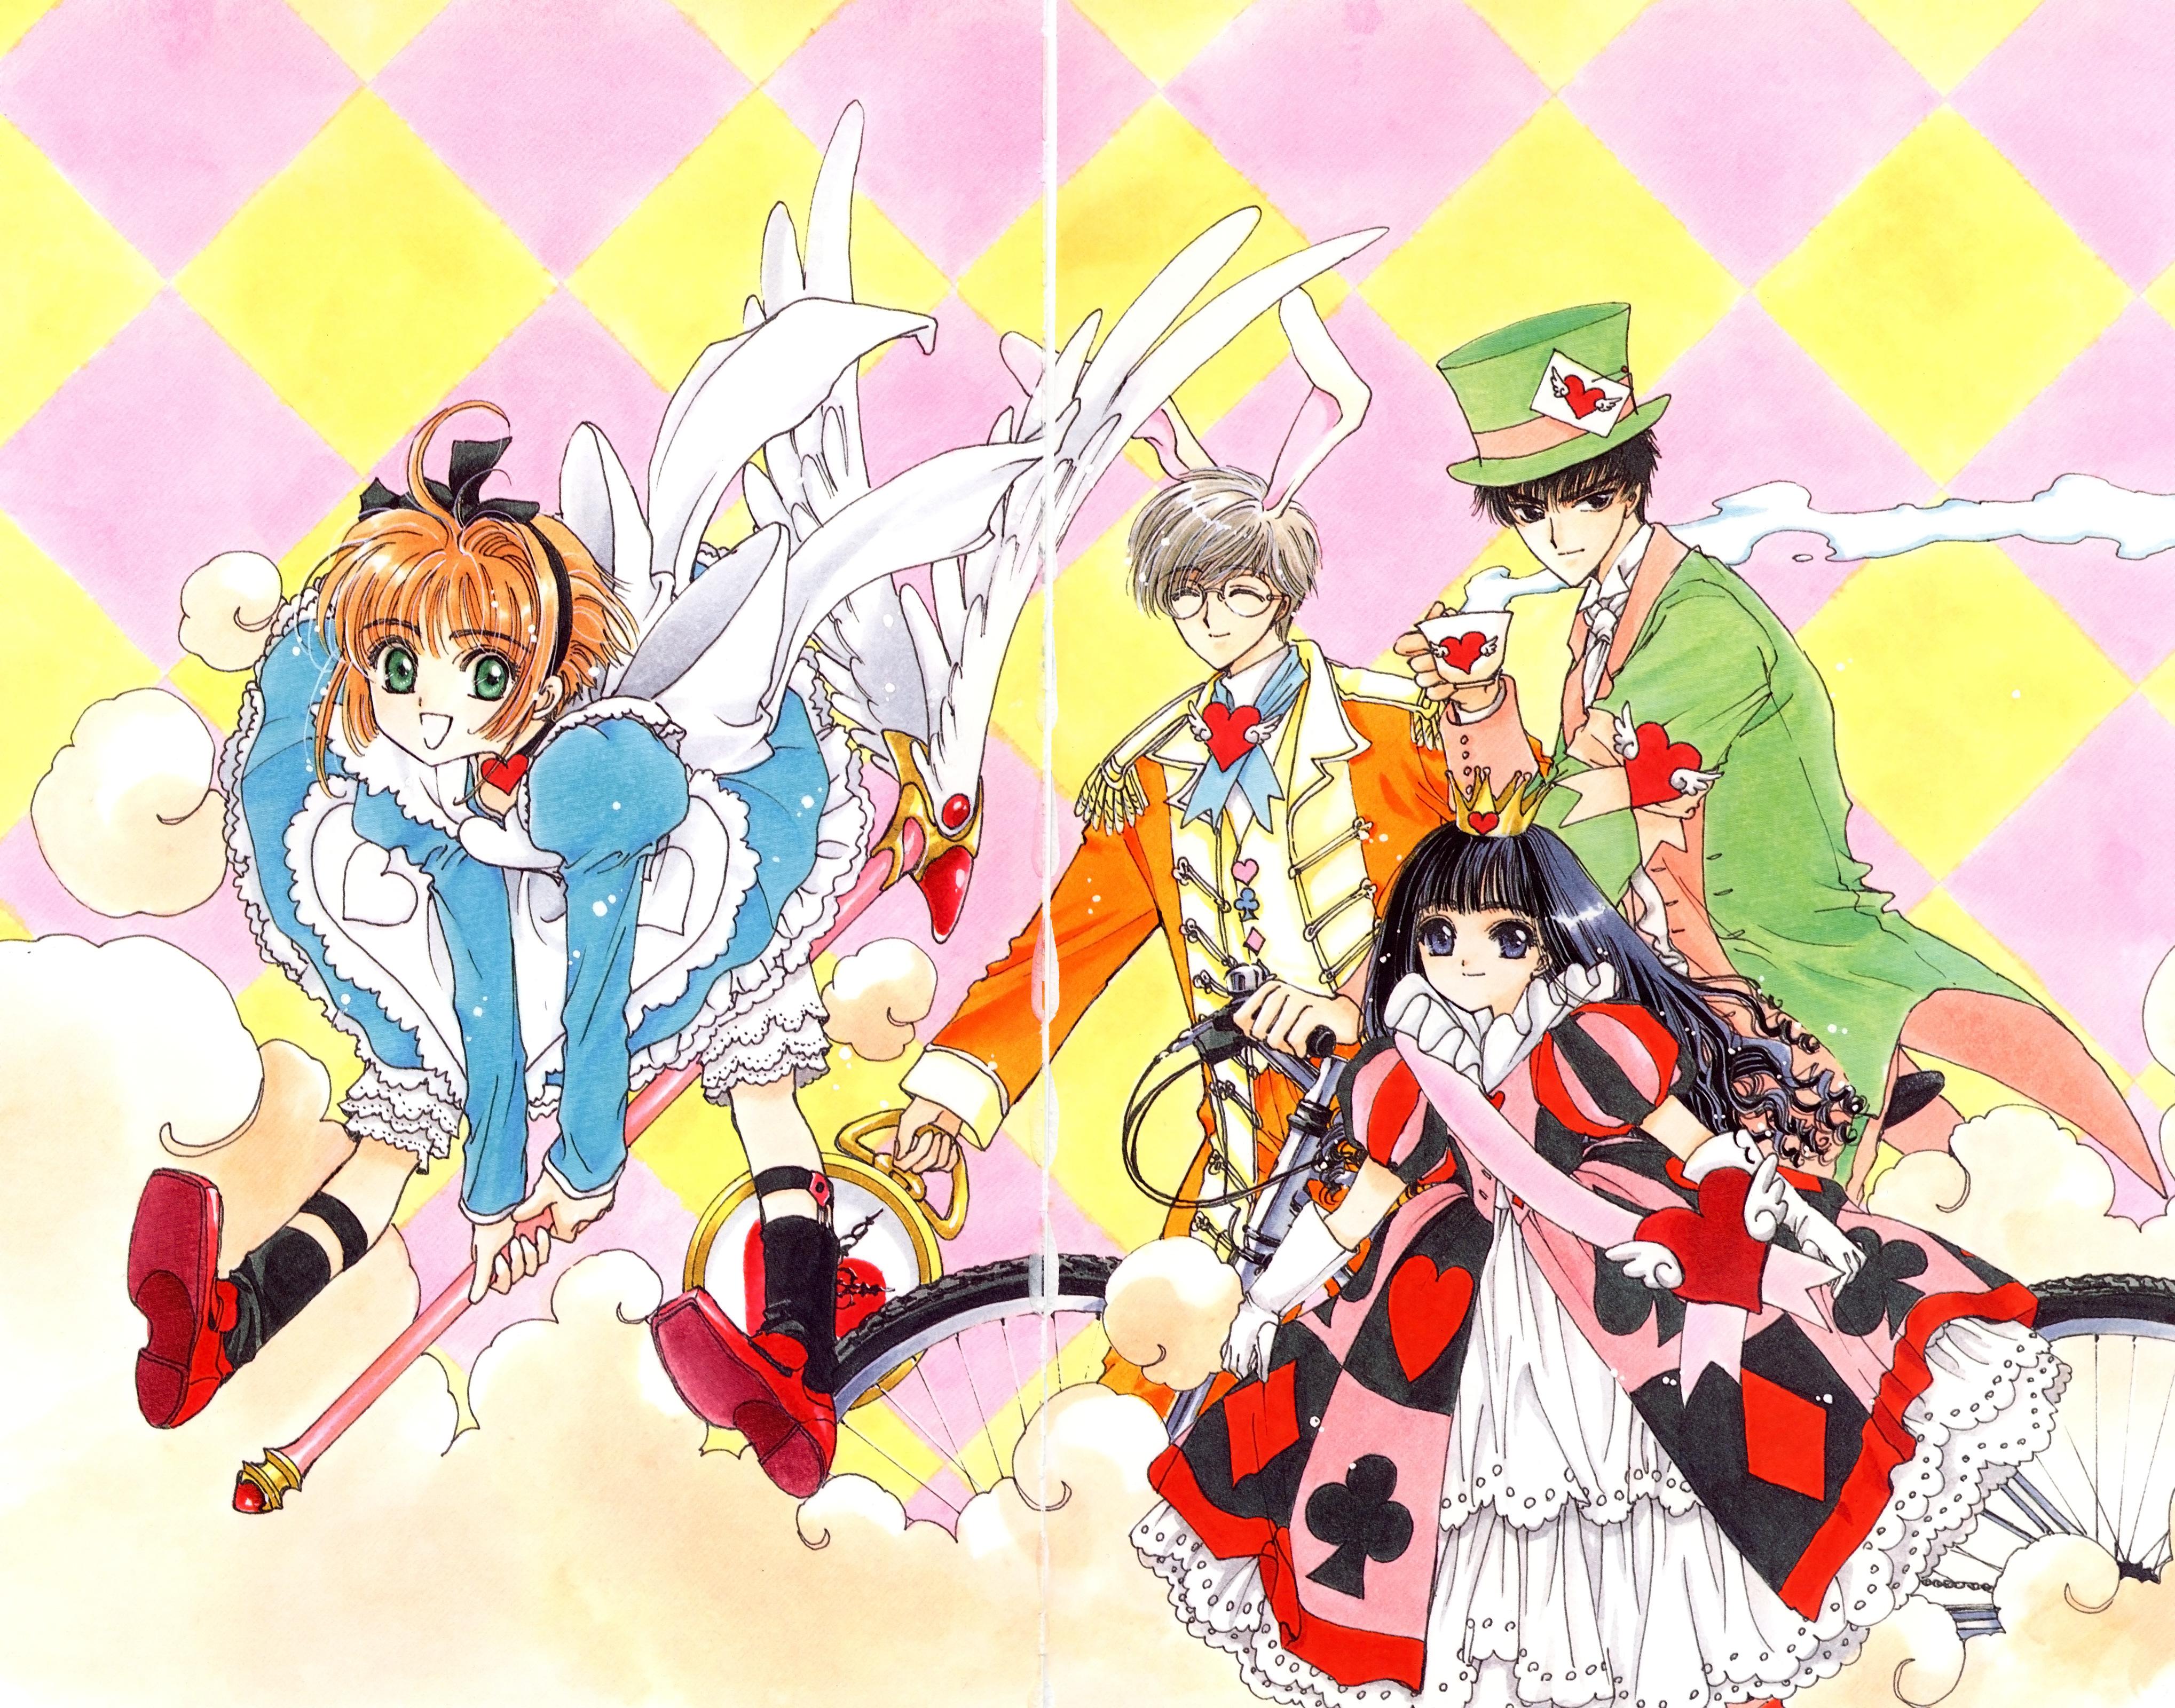 Cardcaptor sakura zerochan anime image board.